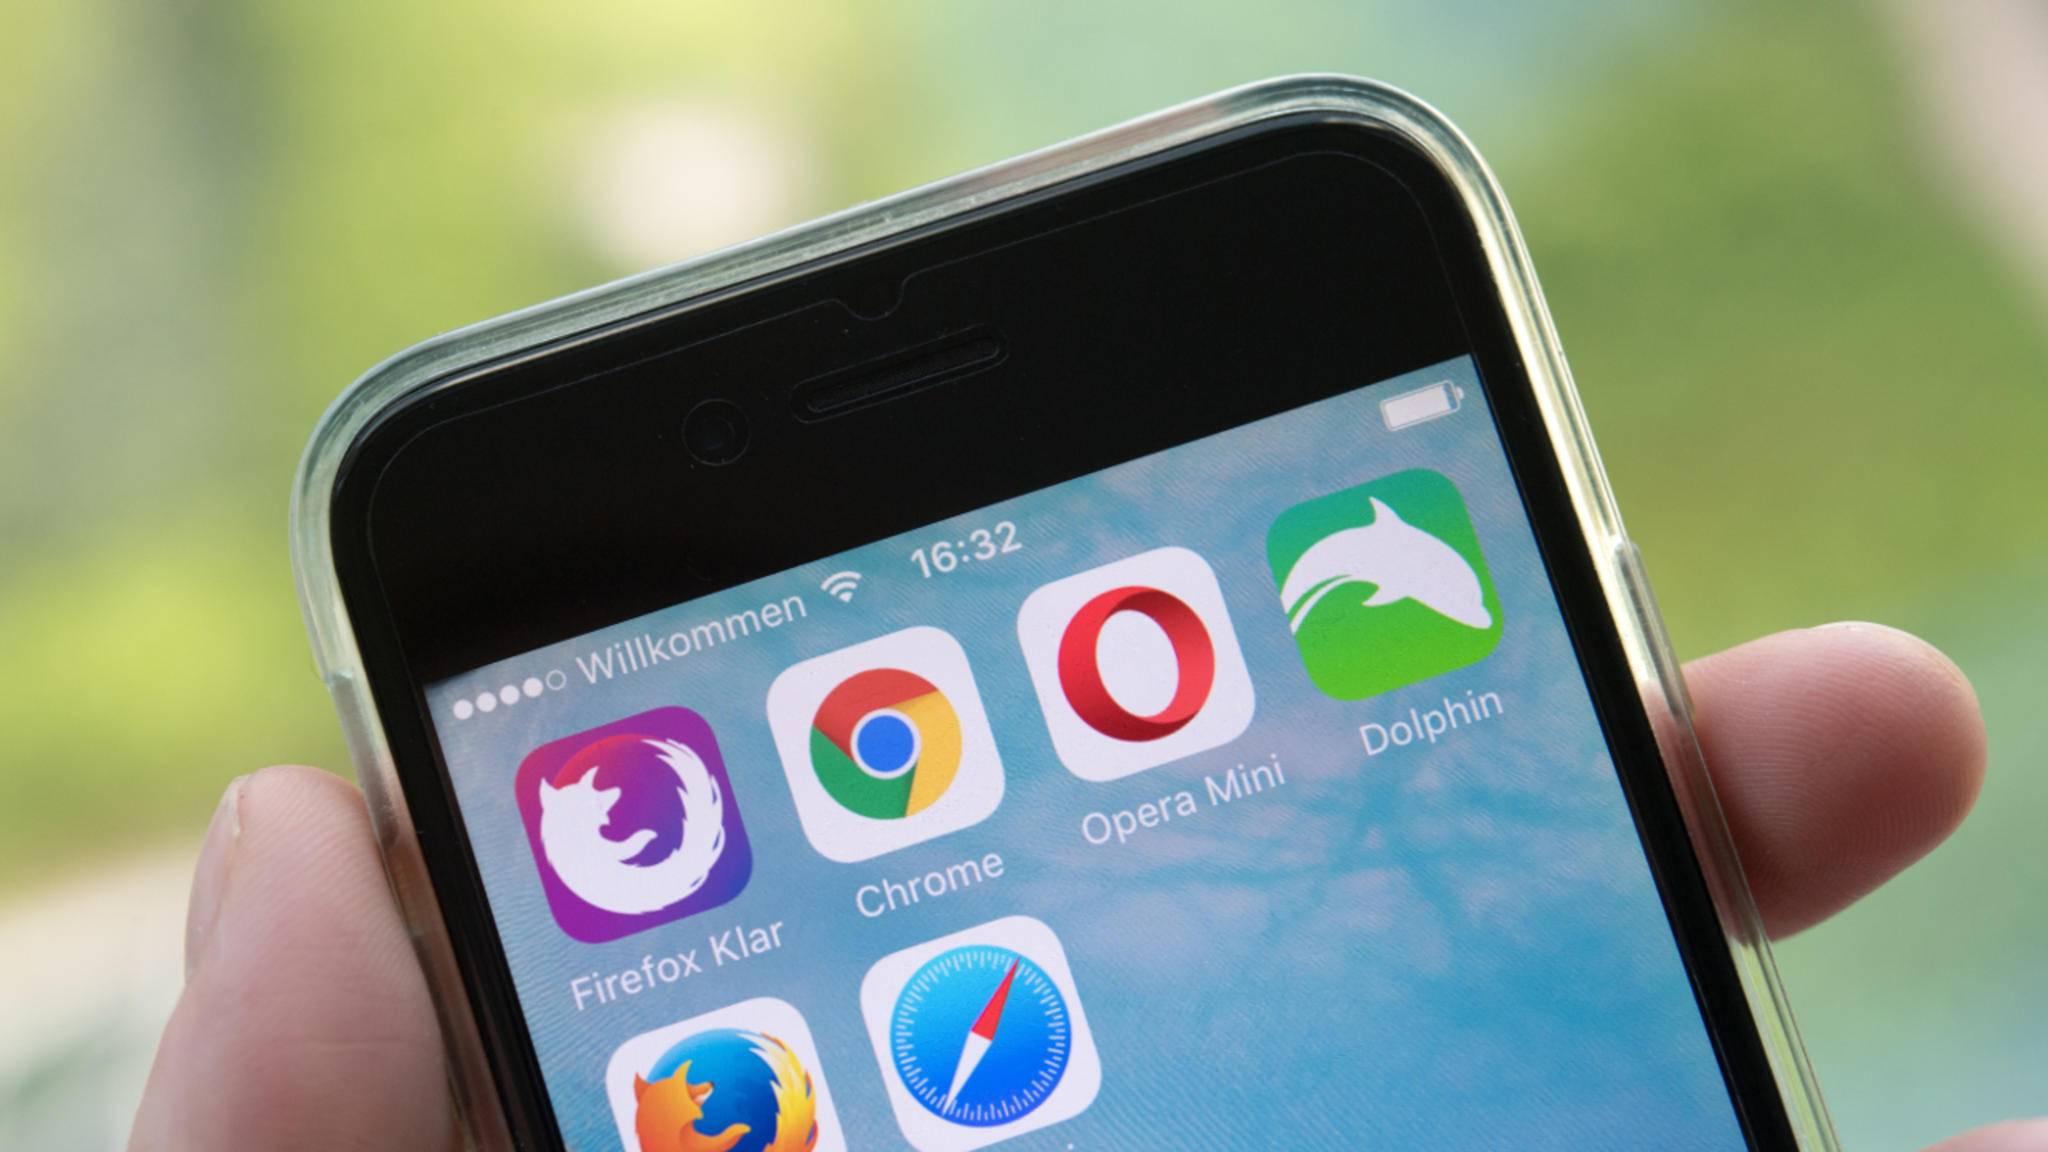 Wir helfen, wenn Dein iPhone 6 nicht mehr angeht.